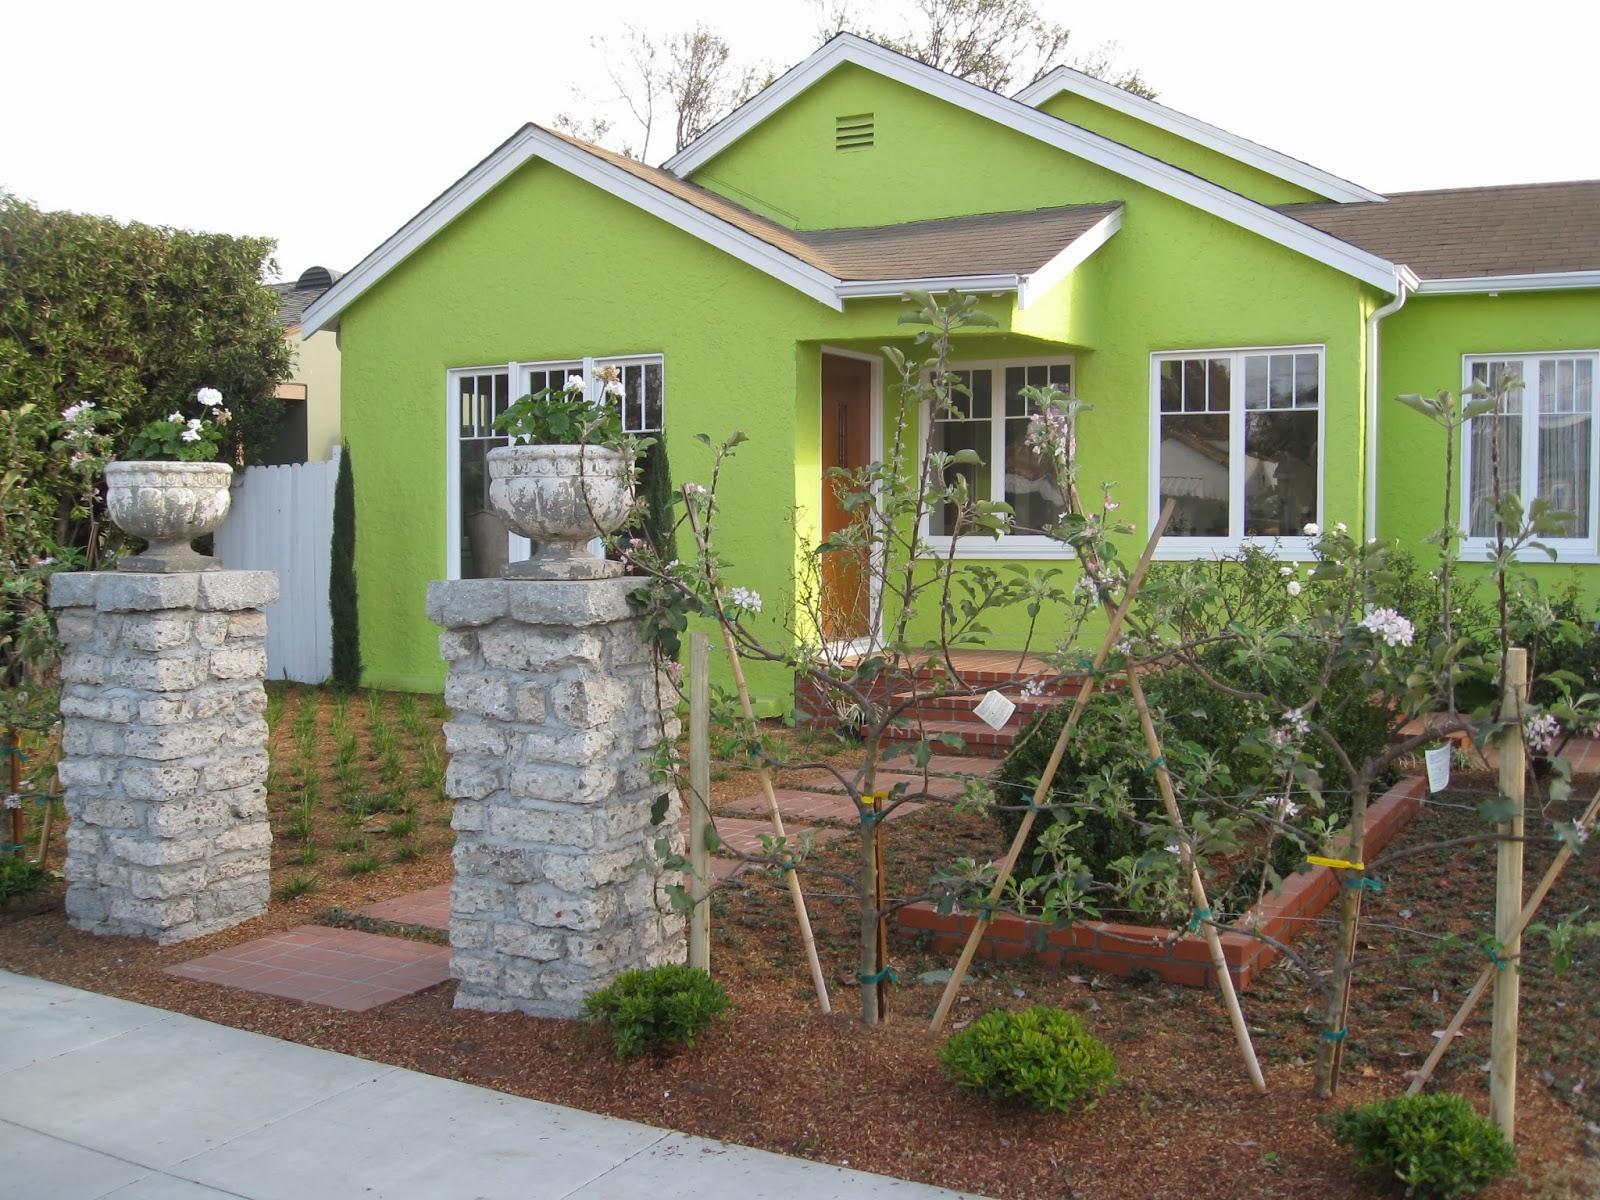 2018 Mar Vista Green Garden Showcase: 12432 Mitchell Avenue - Cluster 6